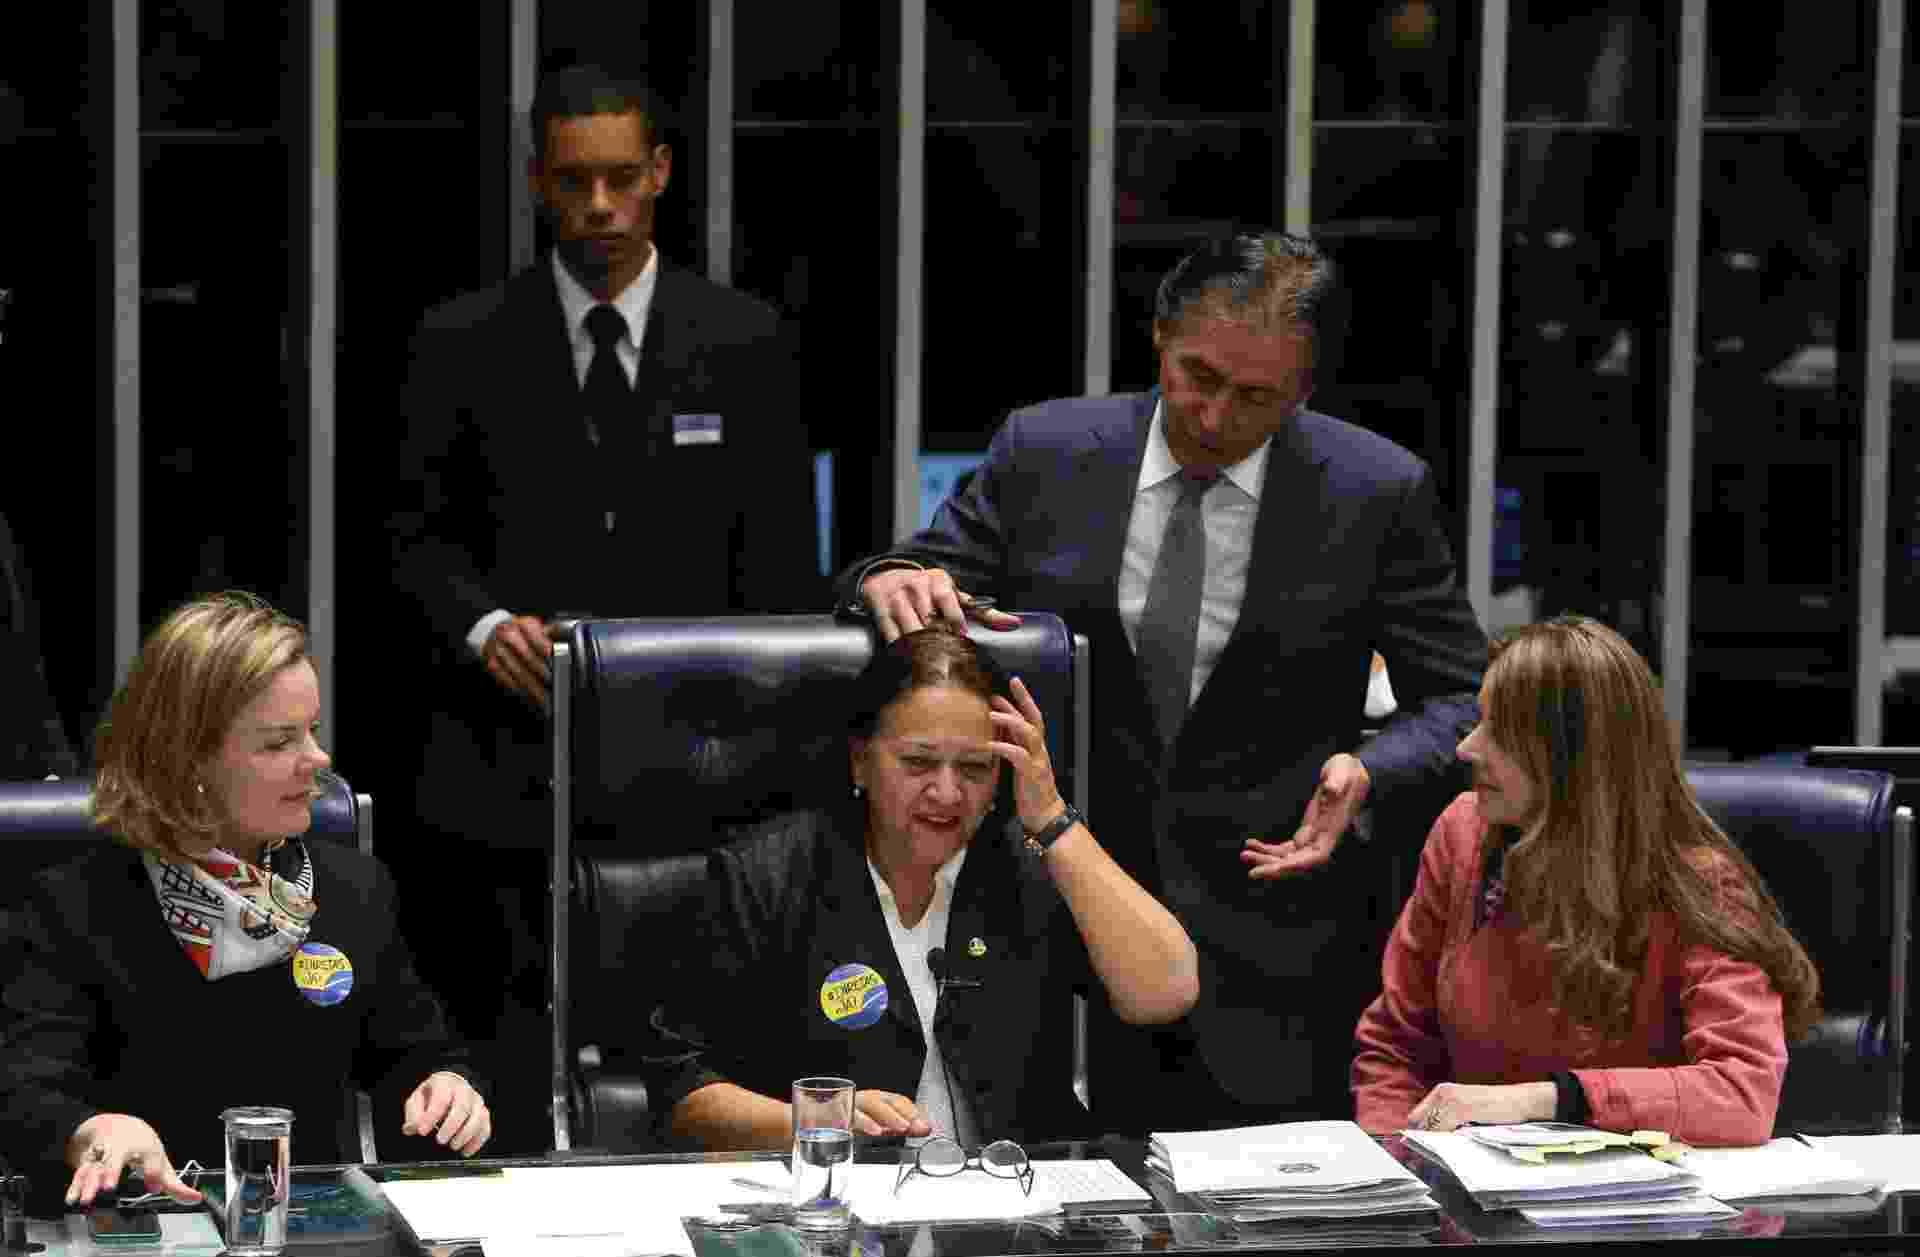 11.jul.2017 - O presidente do Senado, Eunício Oliveira (PMDB-CE), suspendeu a sessão de votação da reforma trabalhista depois de as senadoras Gleisi Hoffmann (PT-PR), Fátima Bezerra (PT-RN) e Vanessa Grazziotin (PCdoB-AM) terem ocupado a mesa do plenário - André Dusek/Estadão Conteúdo